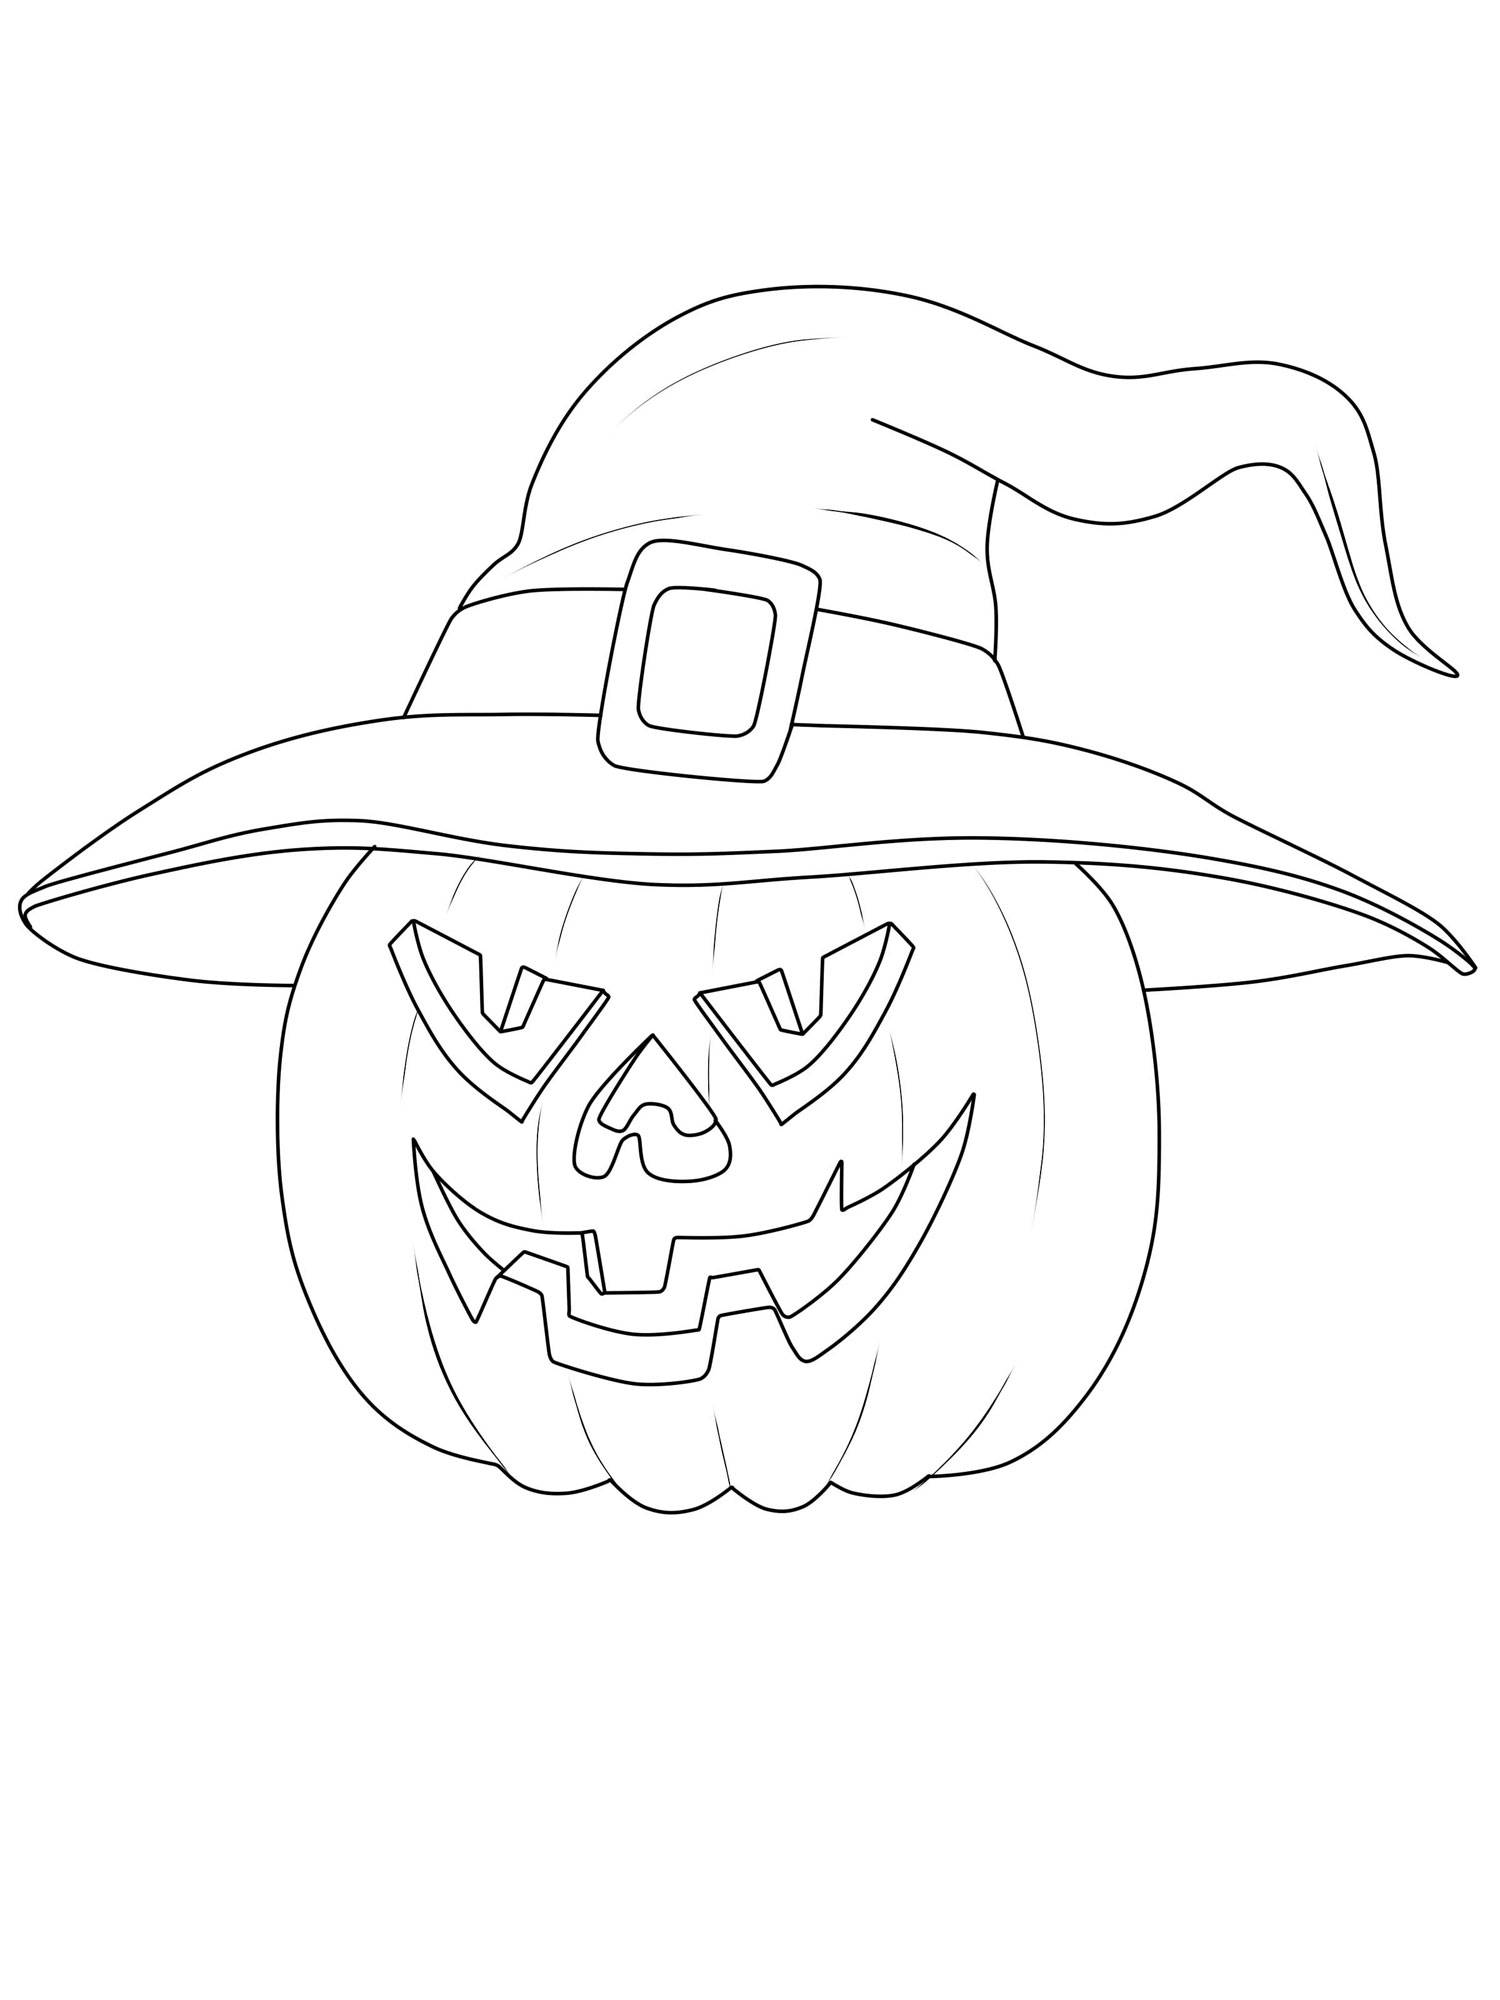 Ausmalbild Halloween Kurbis Hexe Ausmalen Kostenlos Ausdrucken